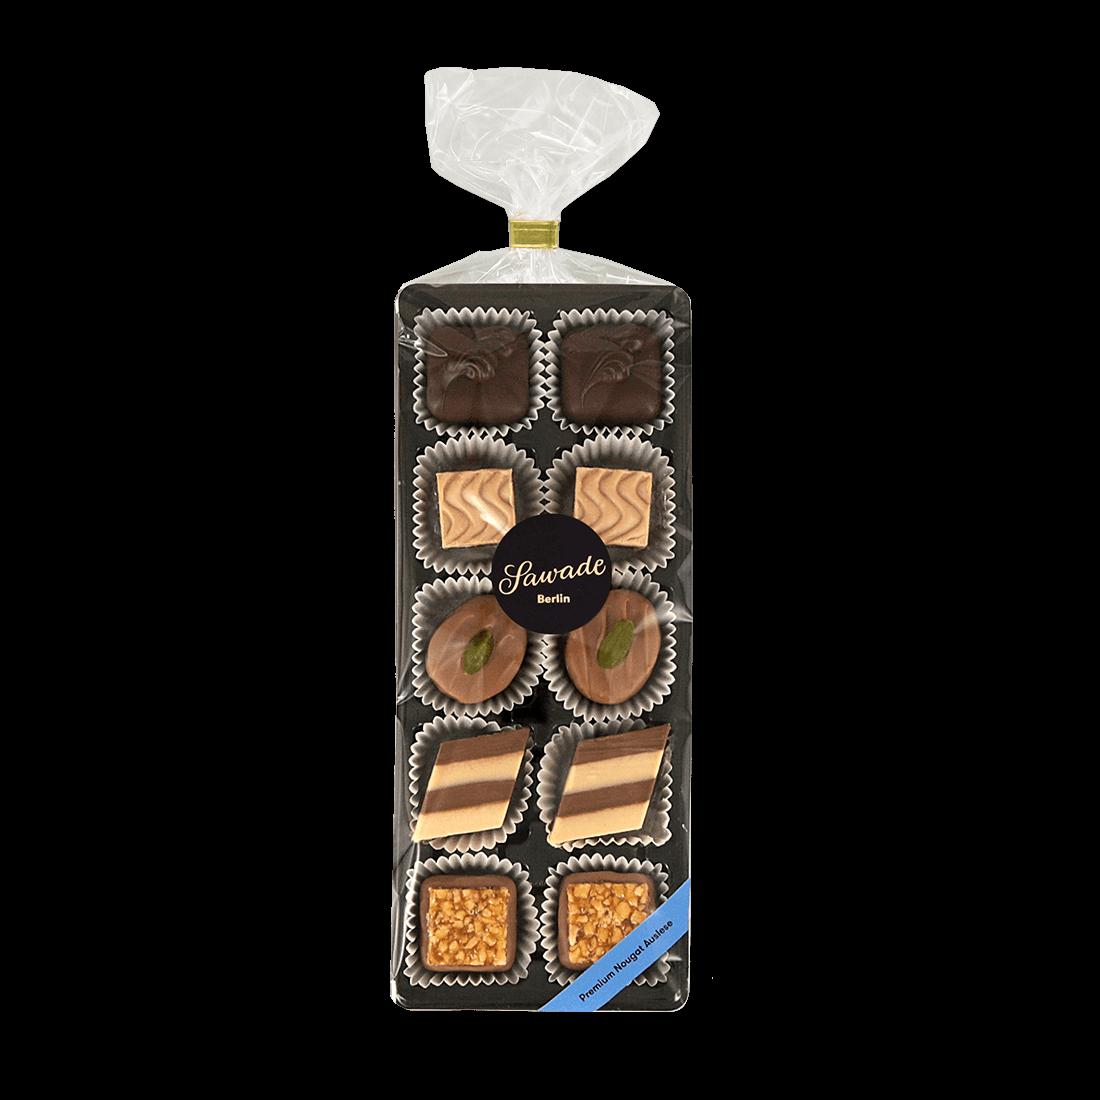 SAWADE | Feinste Pralinen »Premium Nougat Auslese« 105g